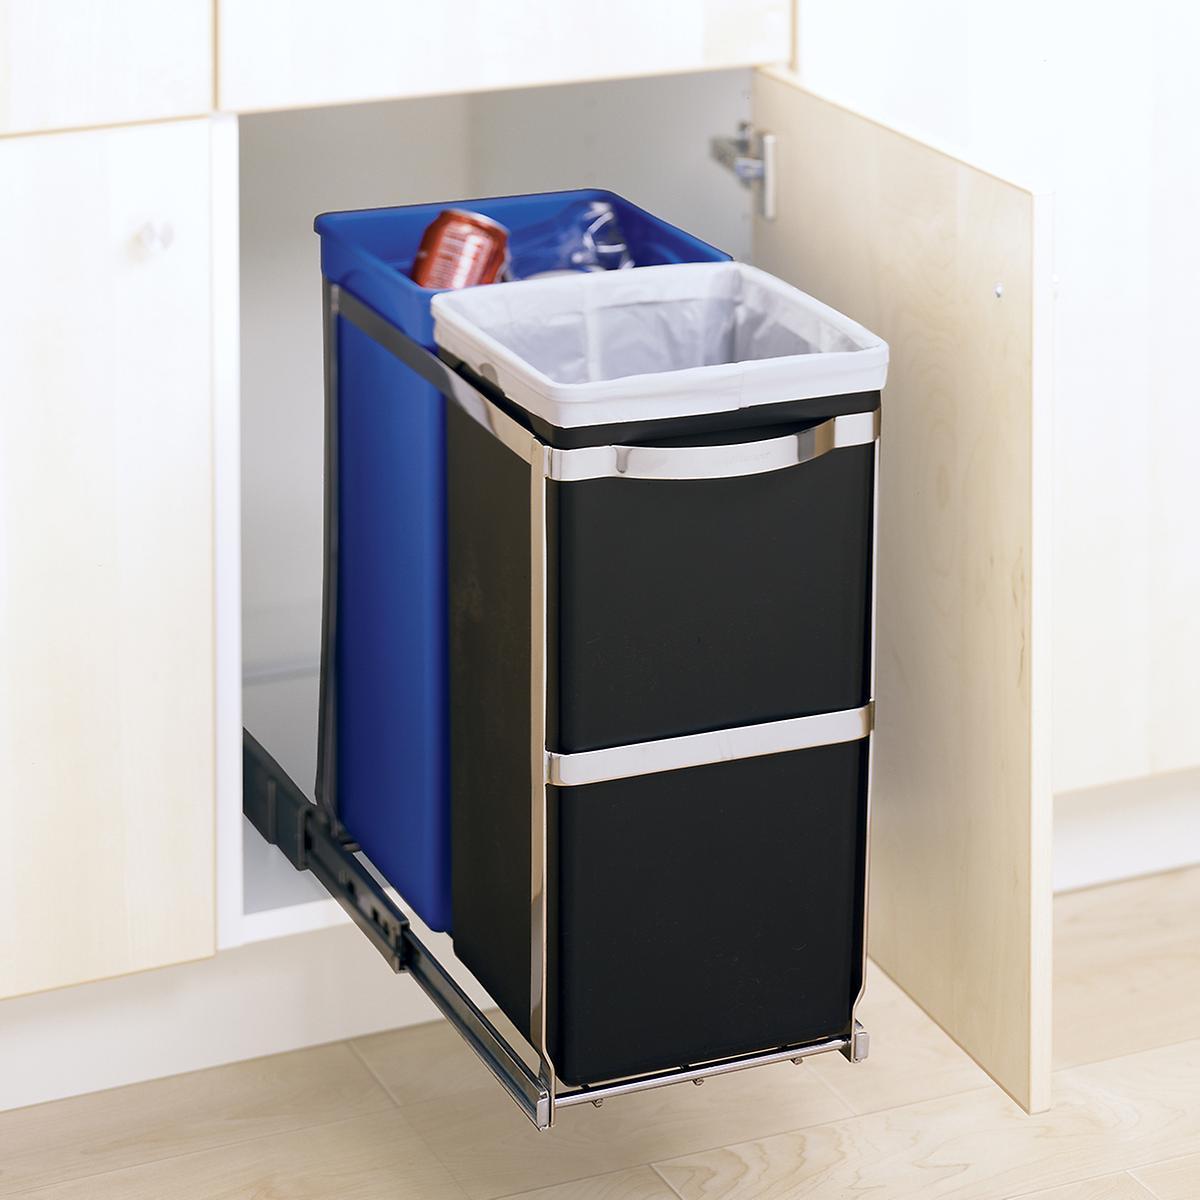 simplehuman 9.2 gal. 2-Bin Pull-Out Recycle Bin